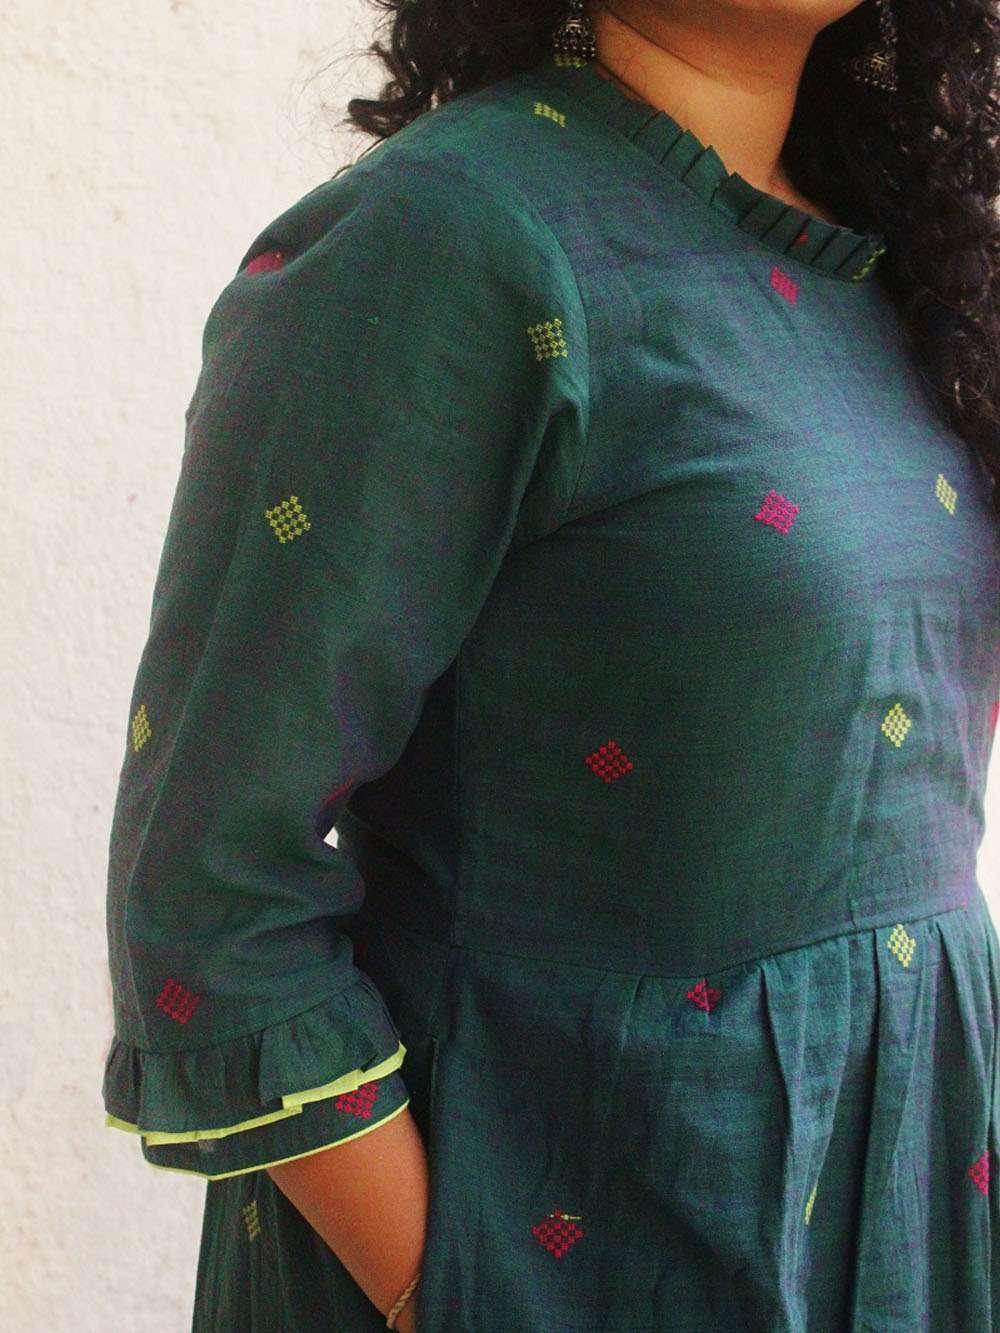 Handloom Cotton Square motif maxi dress